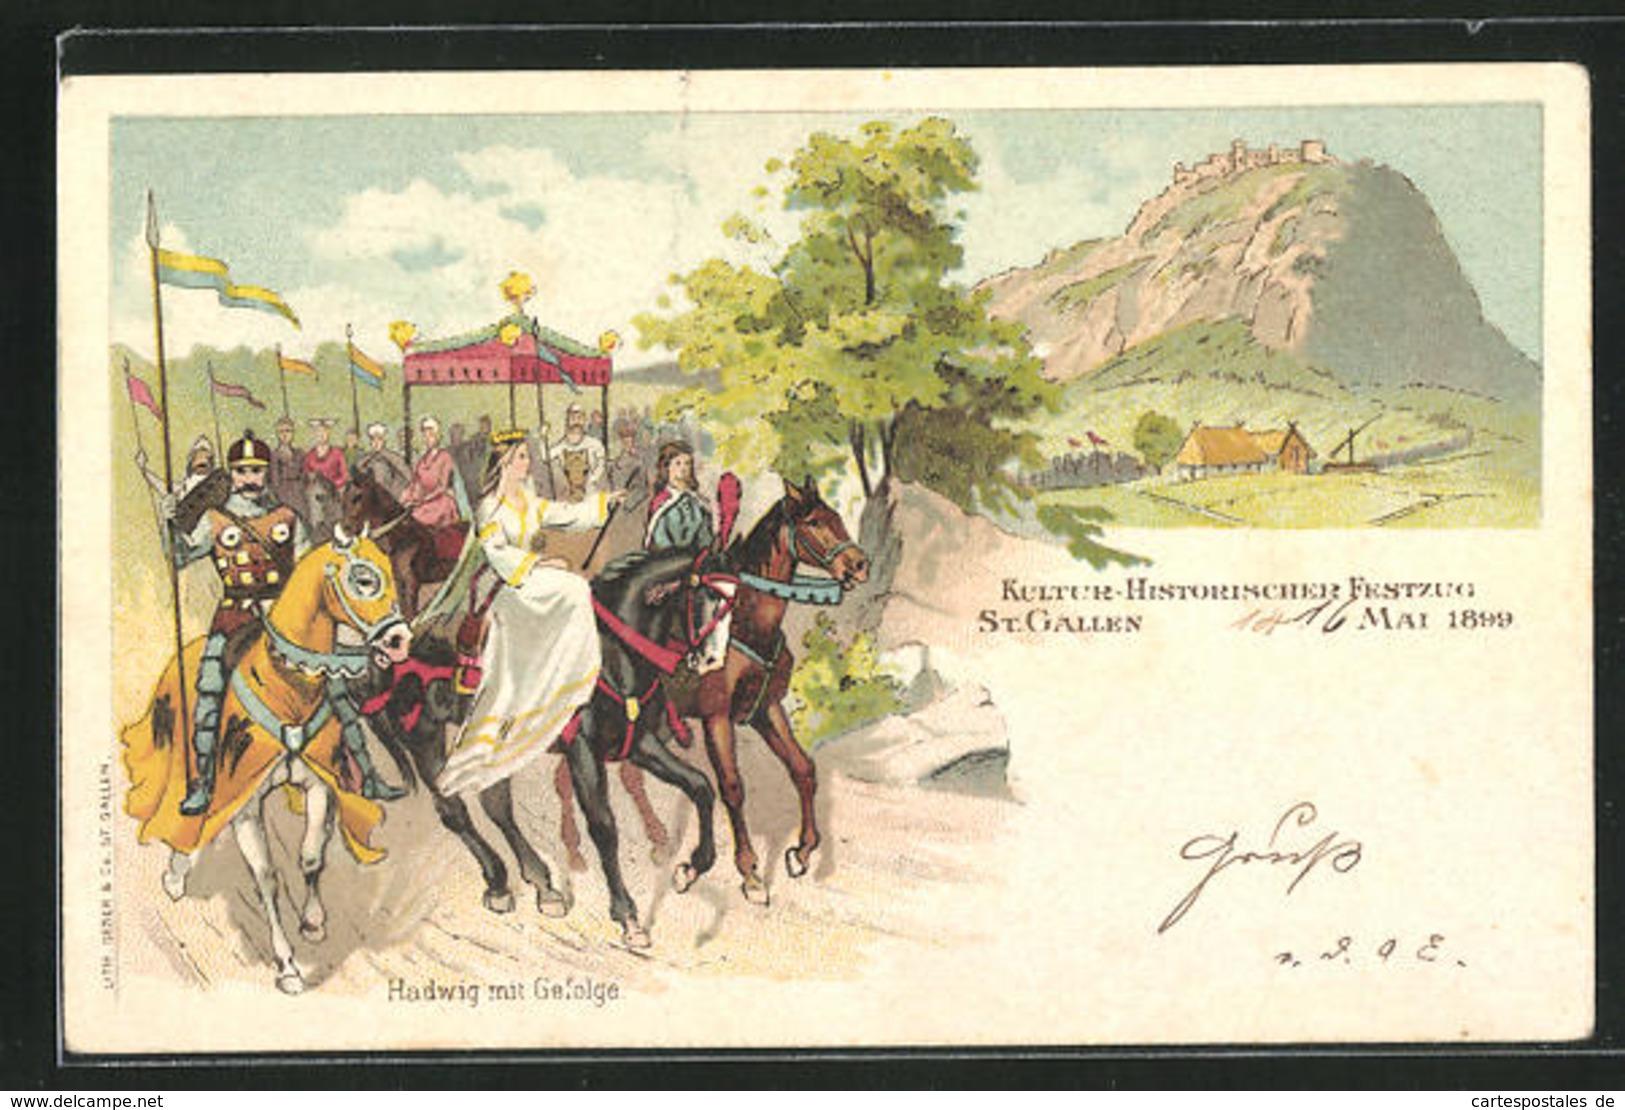 Lithographie St. Gallen, Kultur-Historischer Festzug 1899, Hadwig Mit Gefolge - SG St. Gall